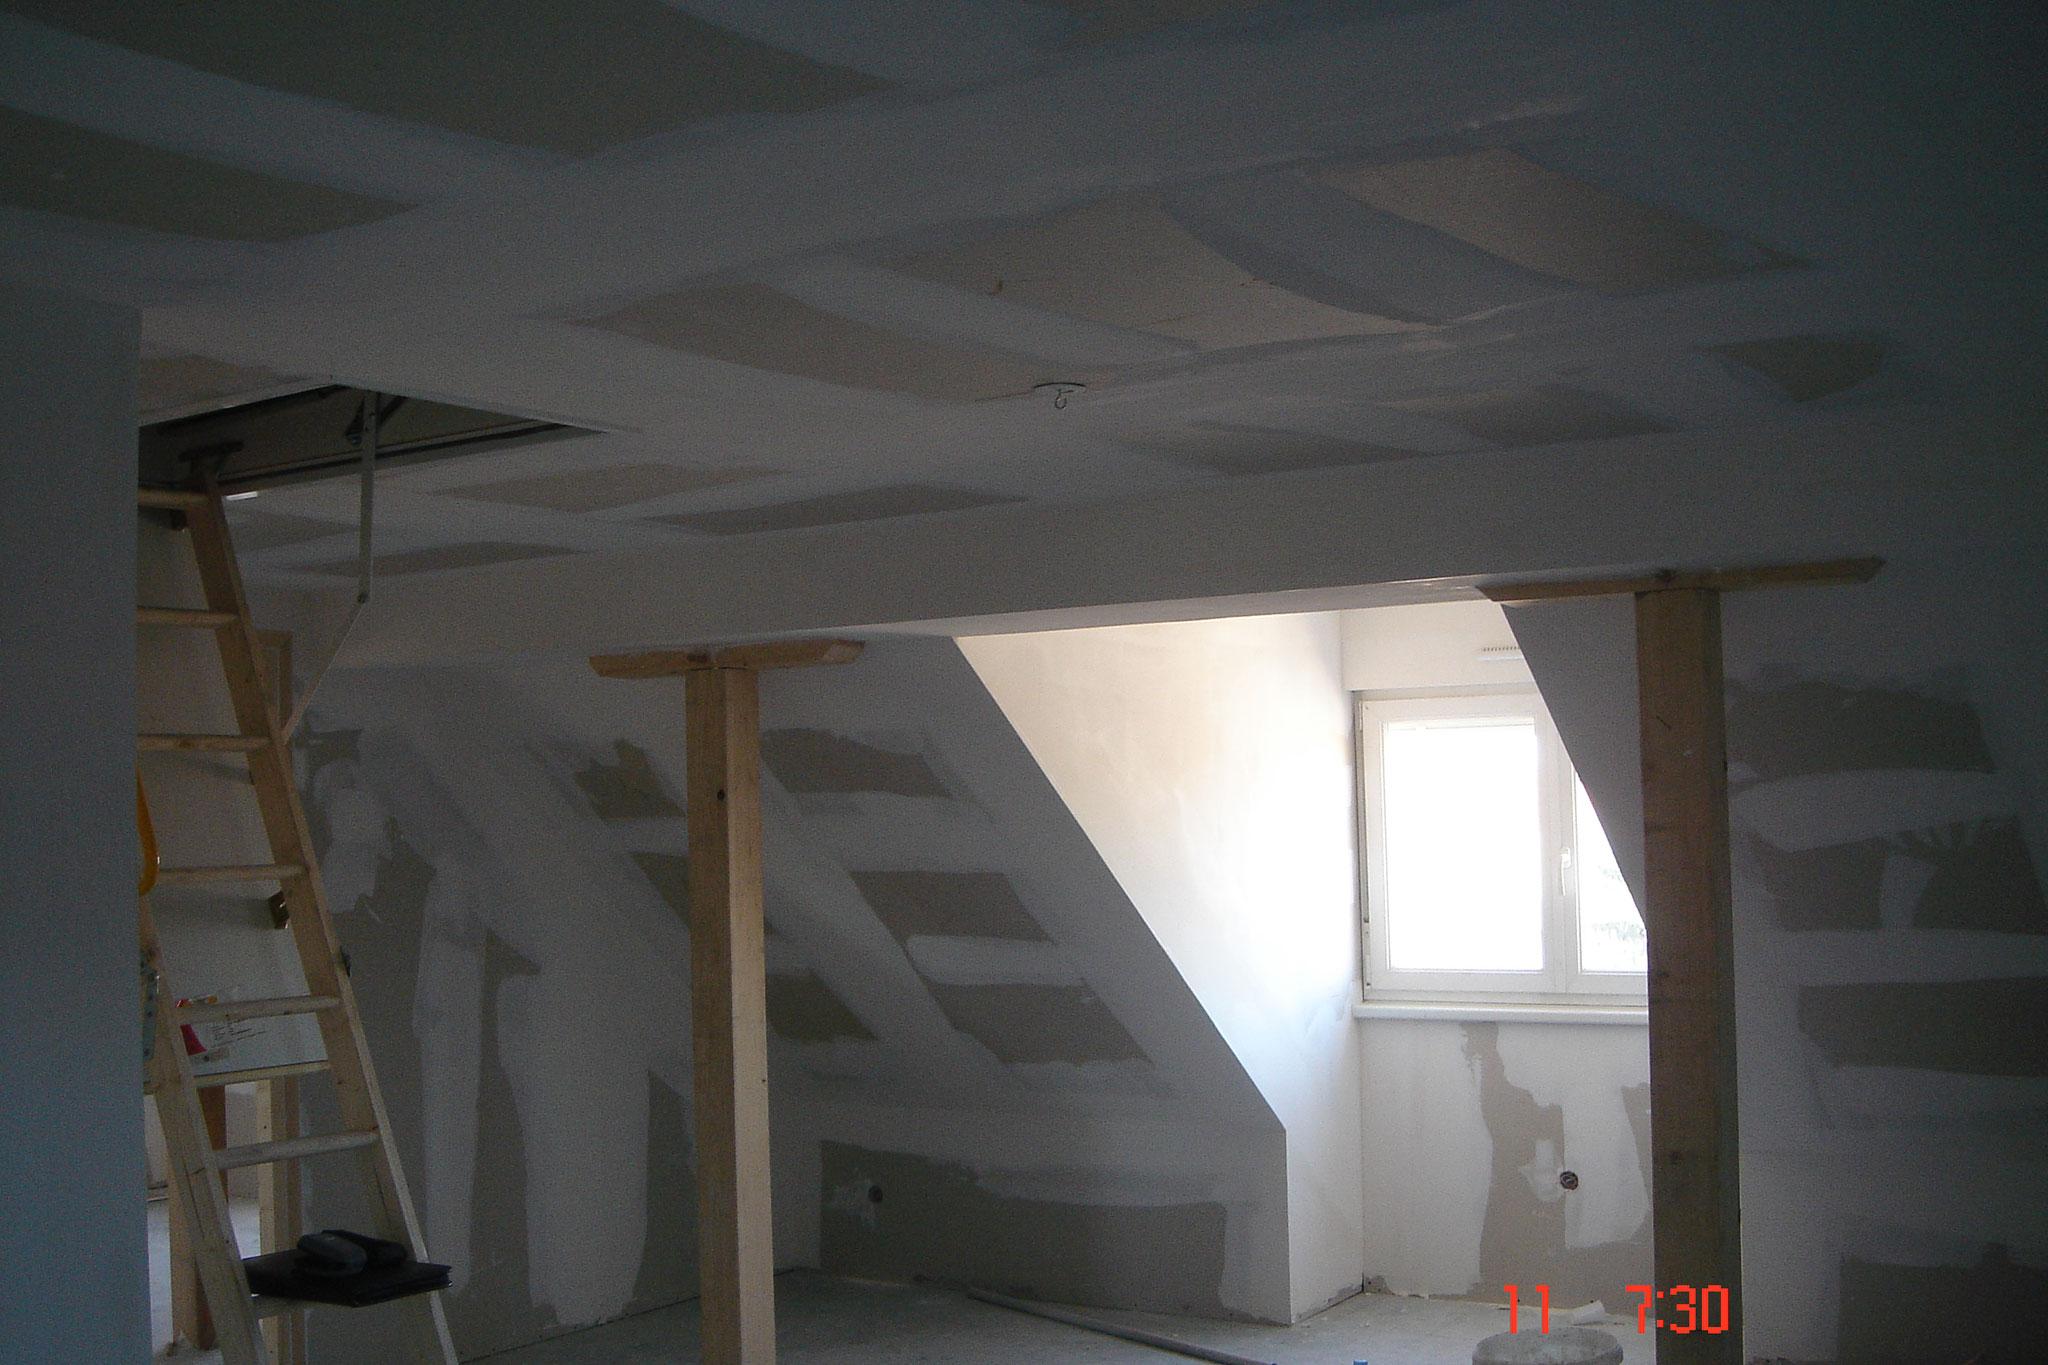 Pose de faux-plafond,cloison, rampant avec plaque de plâtre Strasbourg 67 Activ Renovation